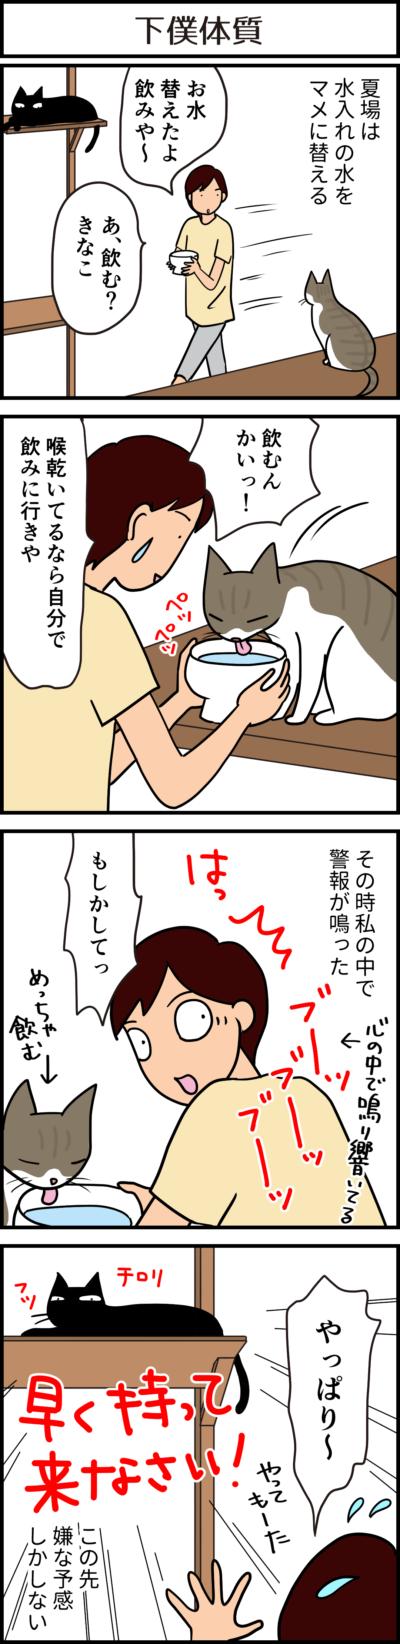 猫の飲み水の4コマ猫漫画